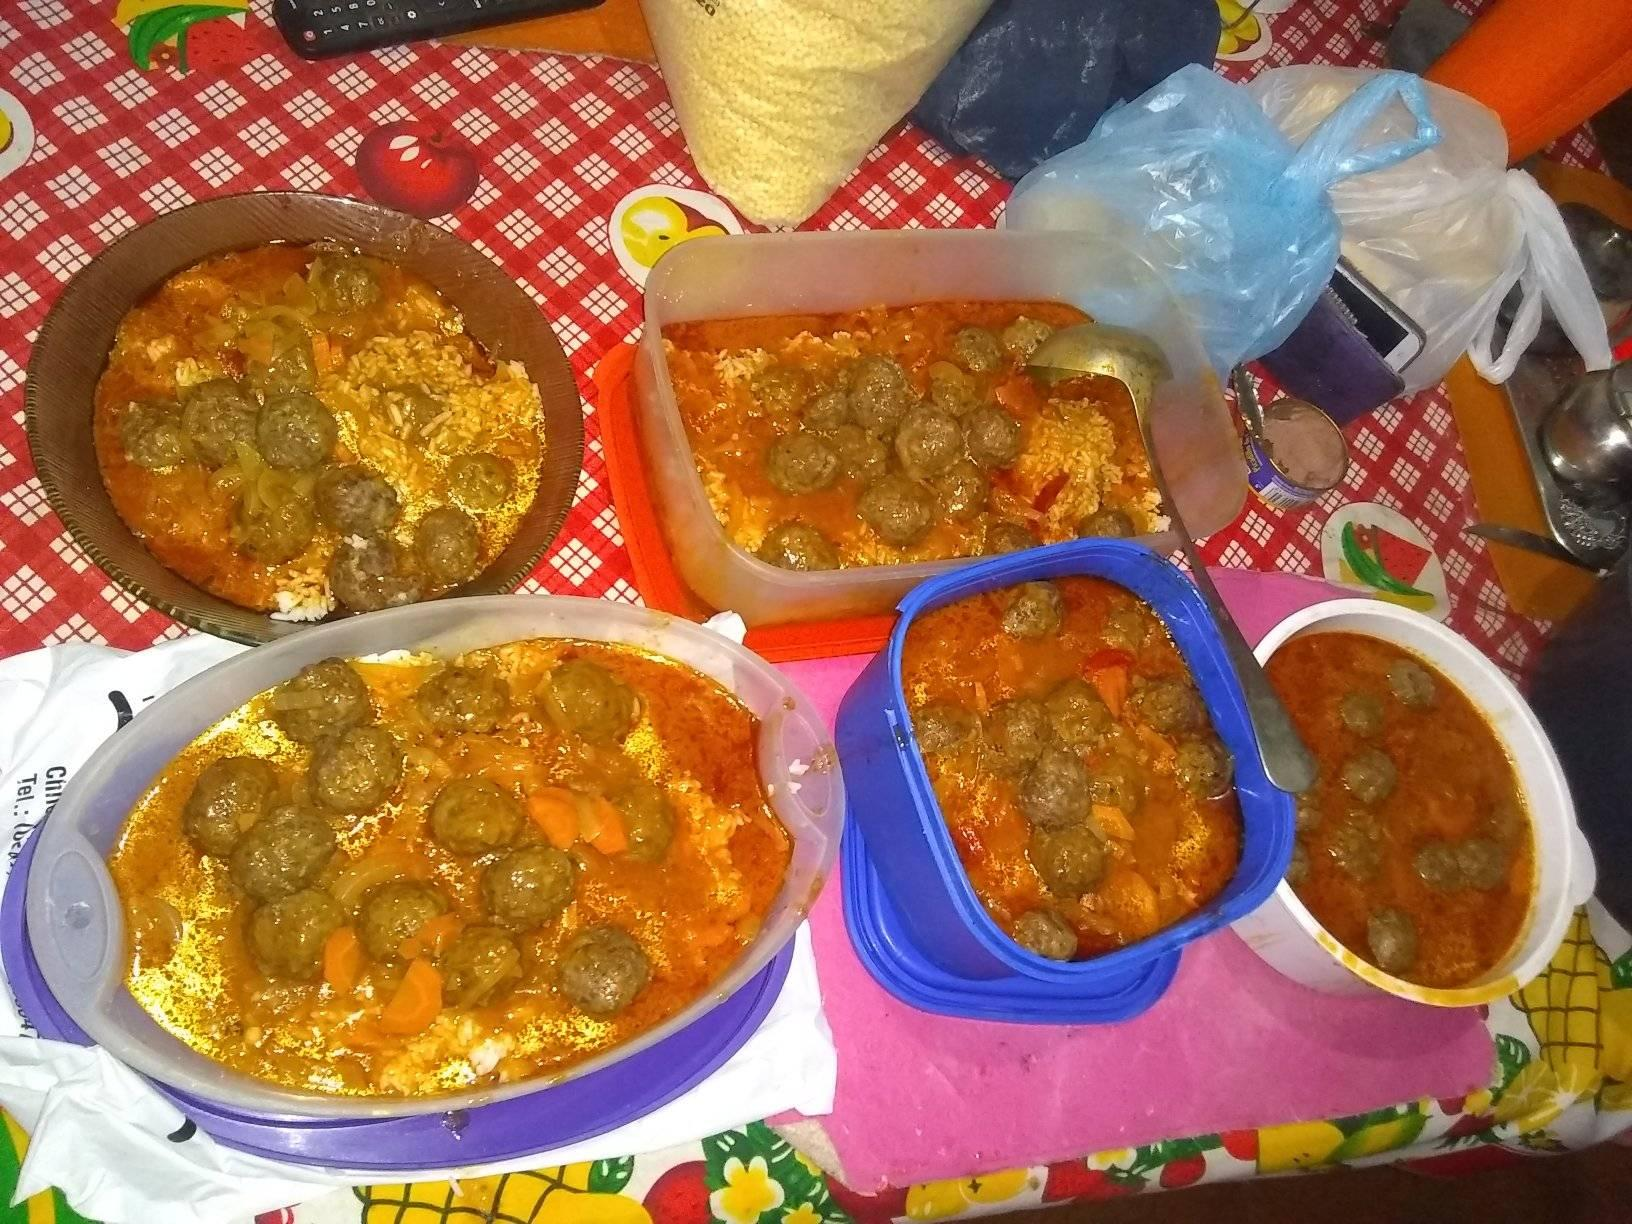 Comedor tito rivarola - Reabren un comedor para brindar alimento a más de 80 personas